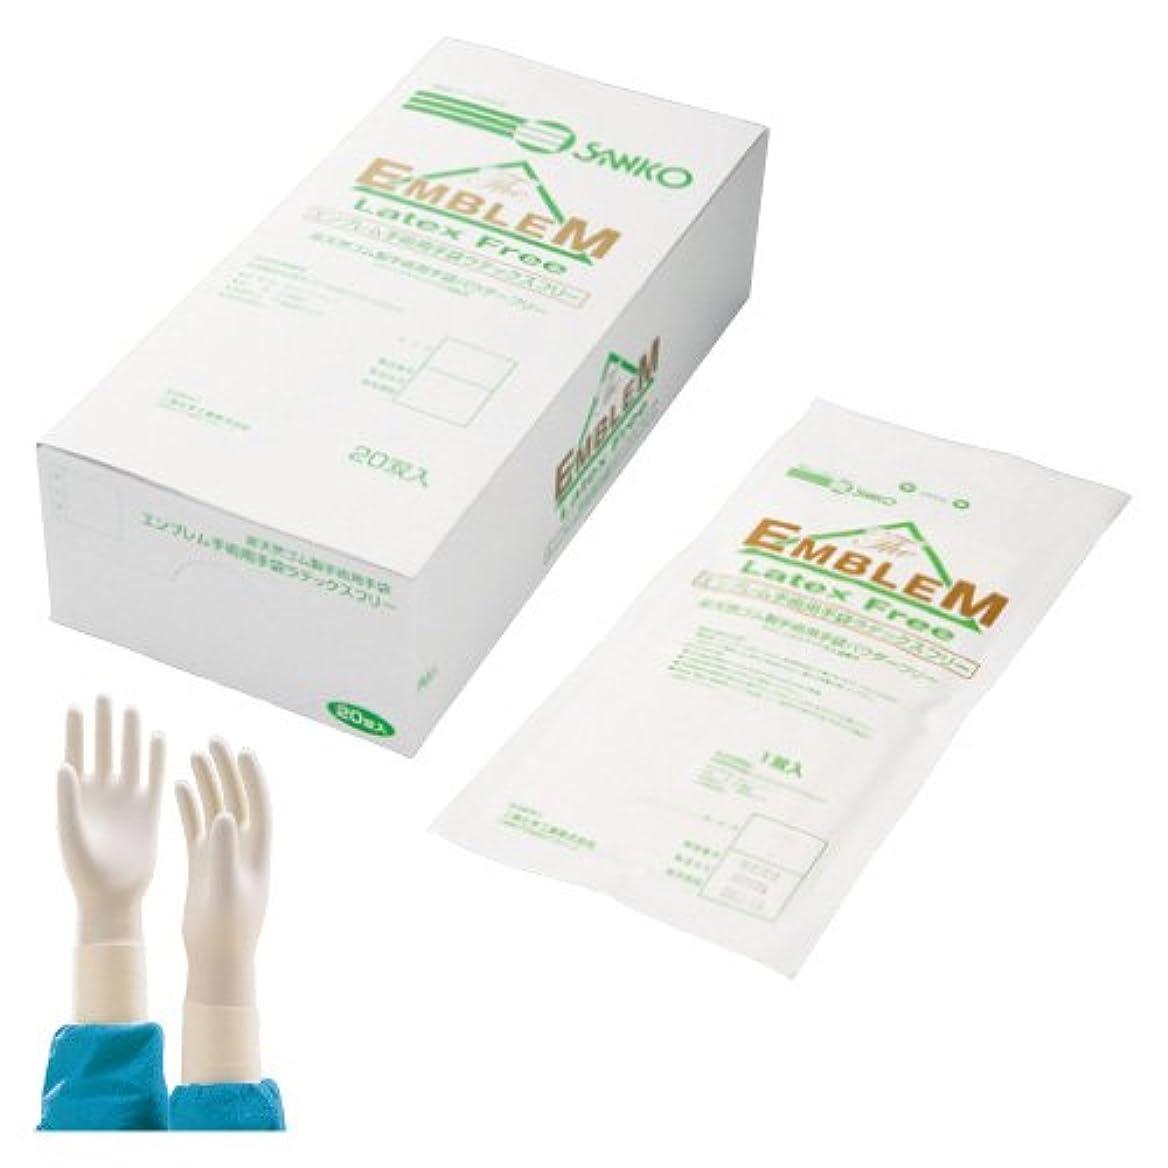 セッション血色の良い徐々にエンブレム手術用手袋 6.5 <1箱(20双入)>